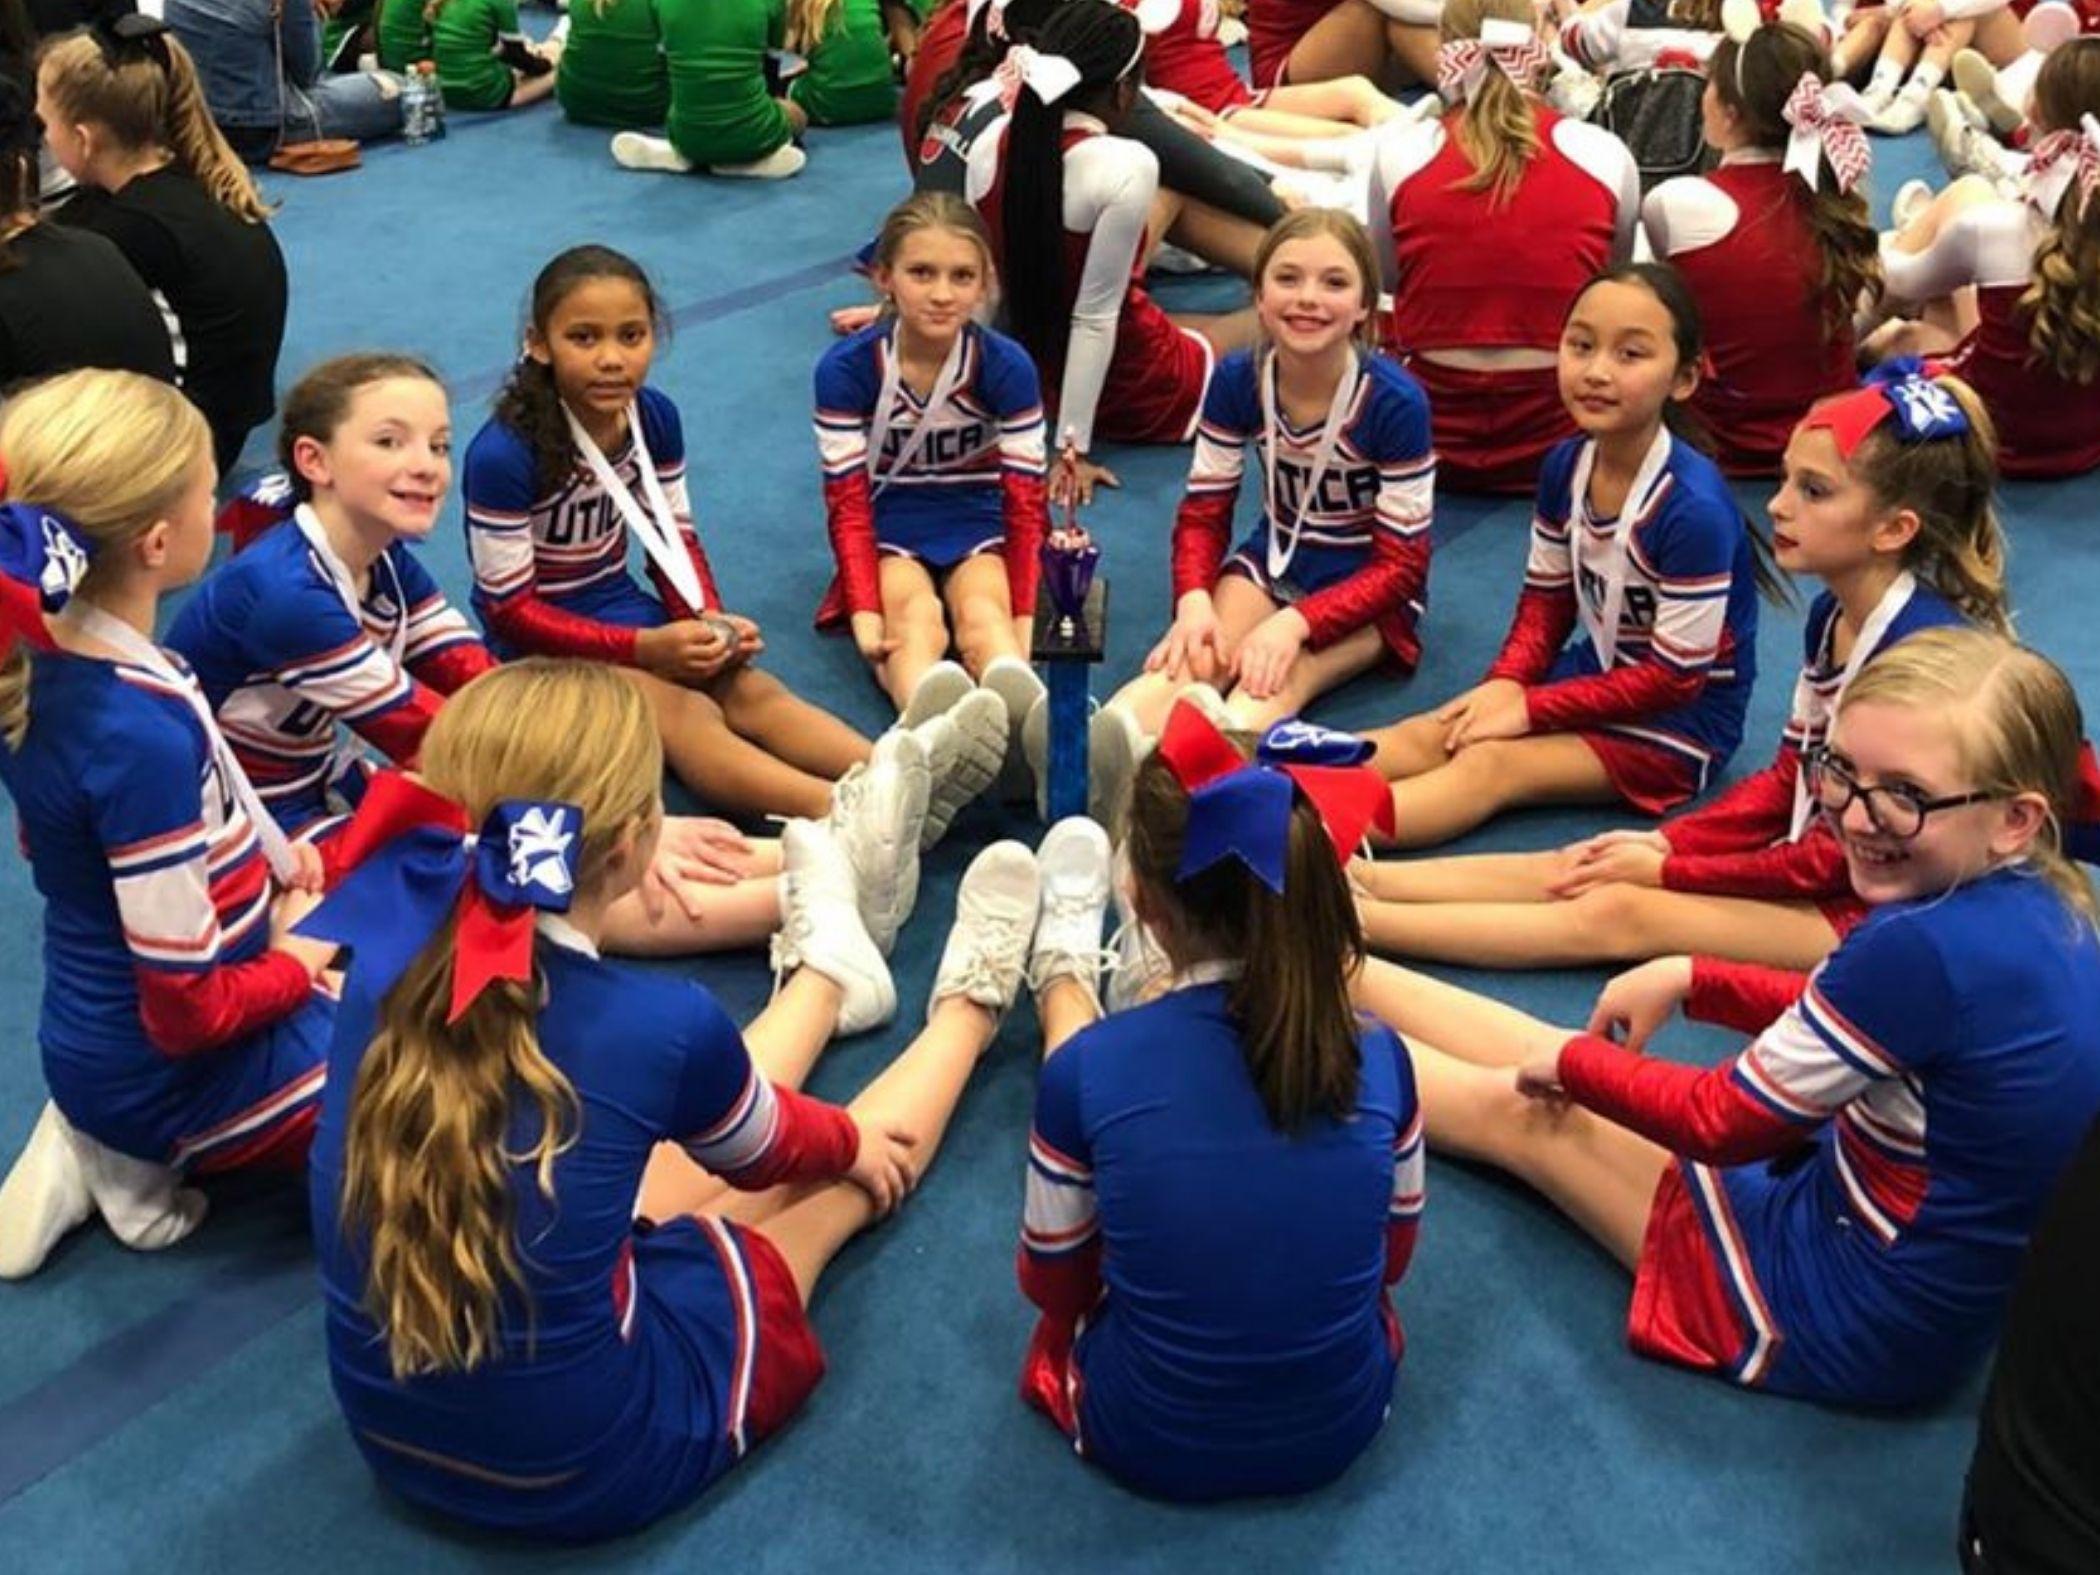 Cheerleaders sit in circle around trophy